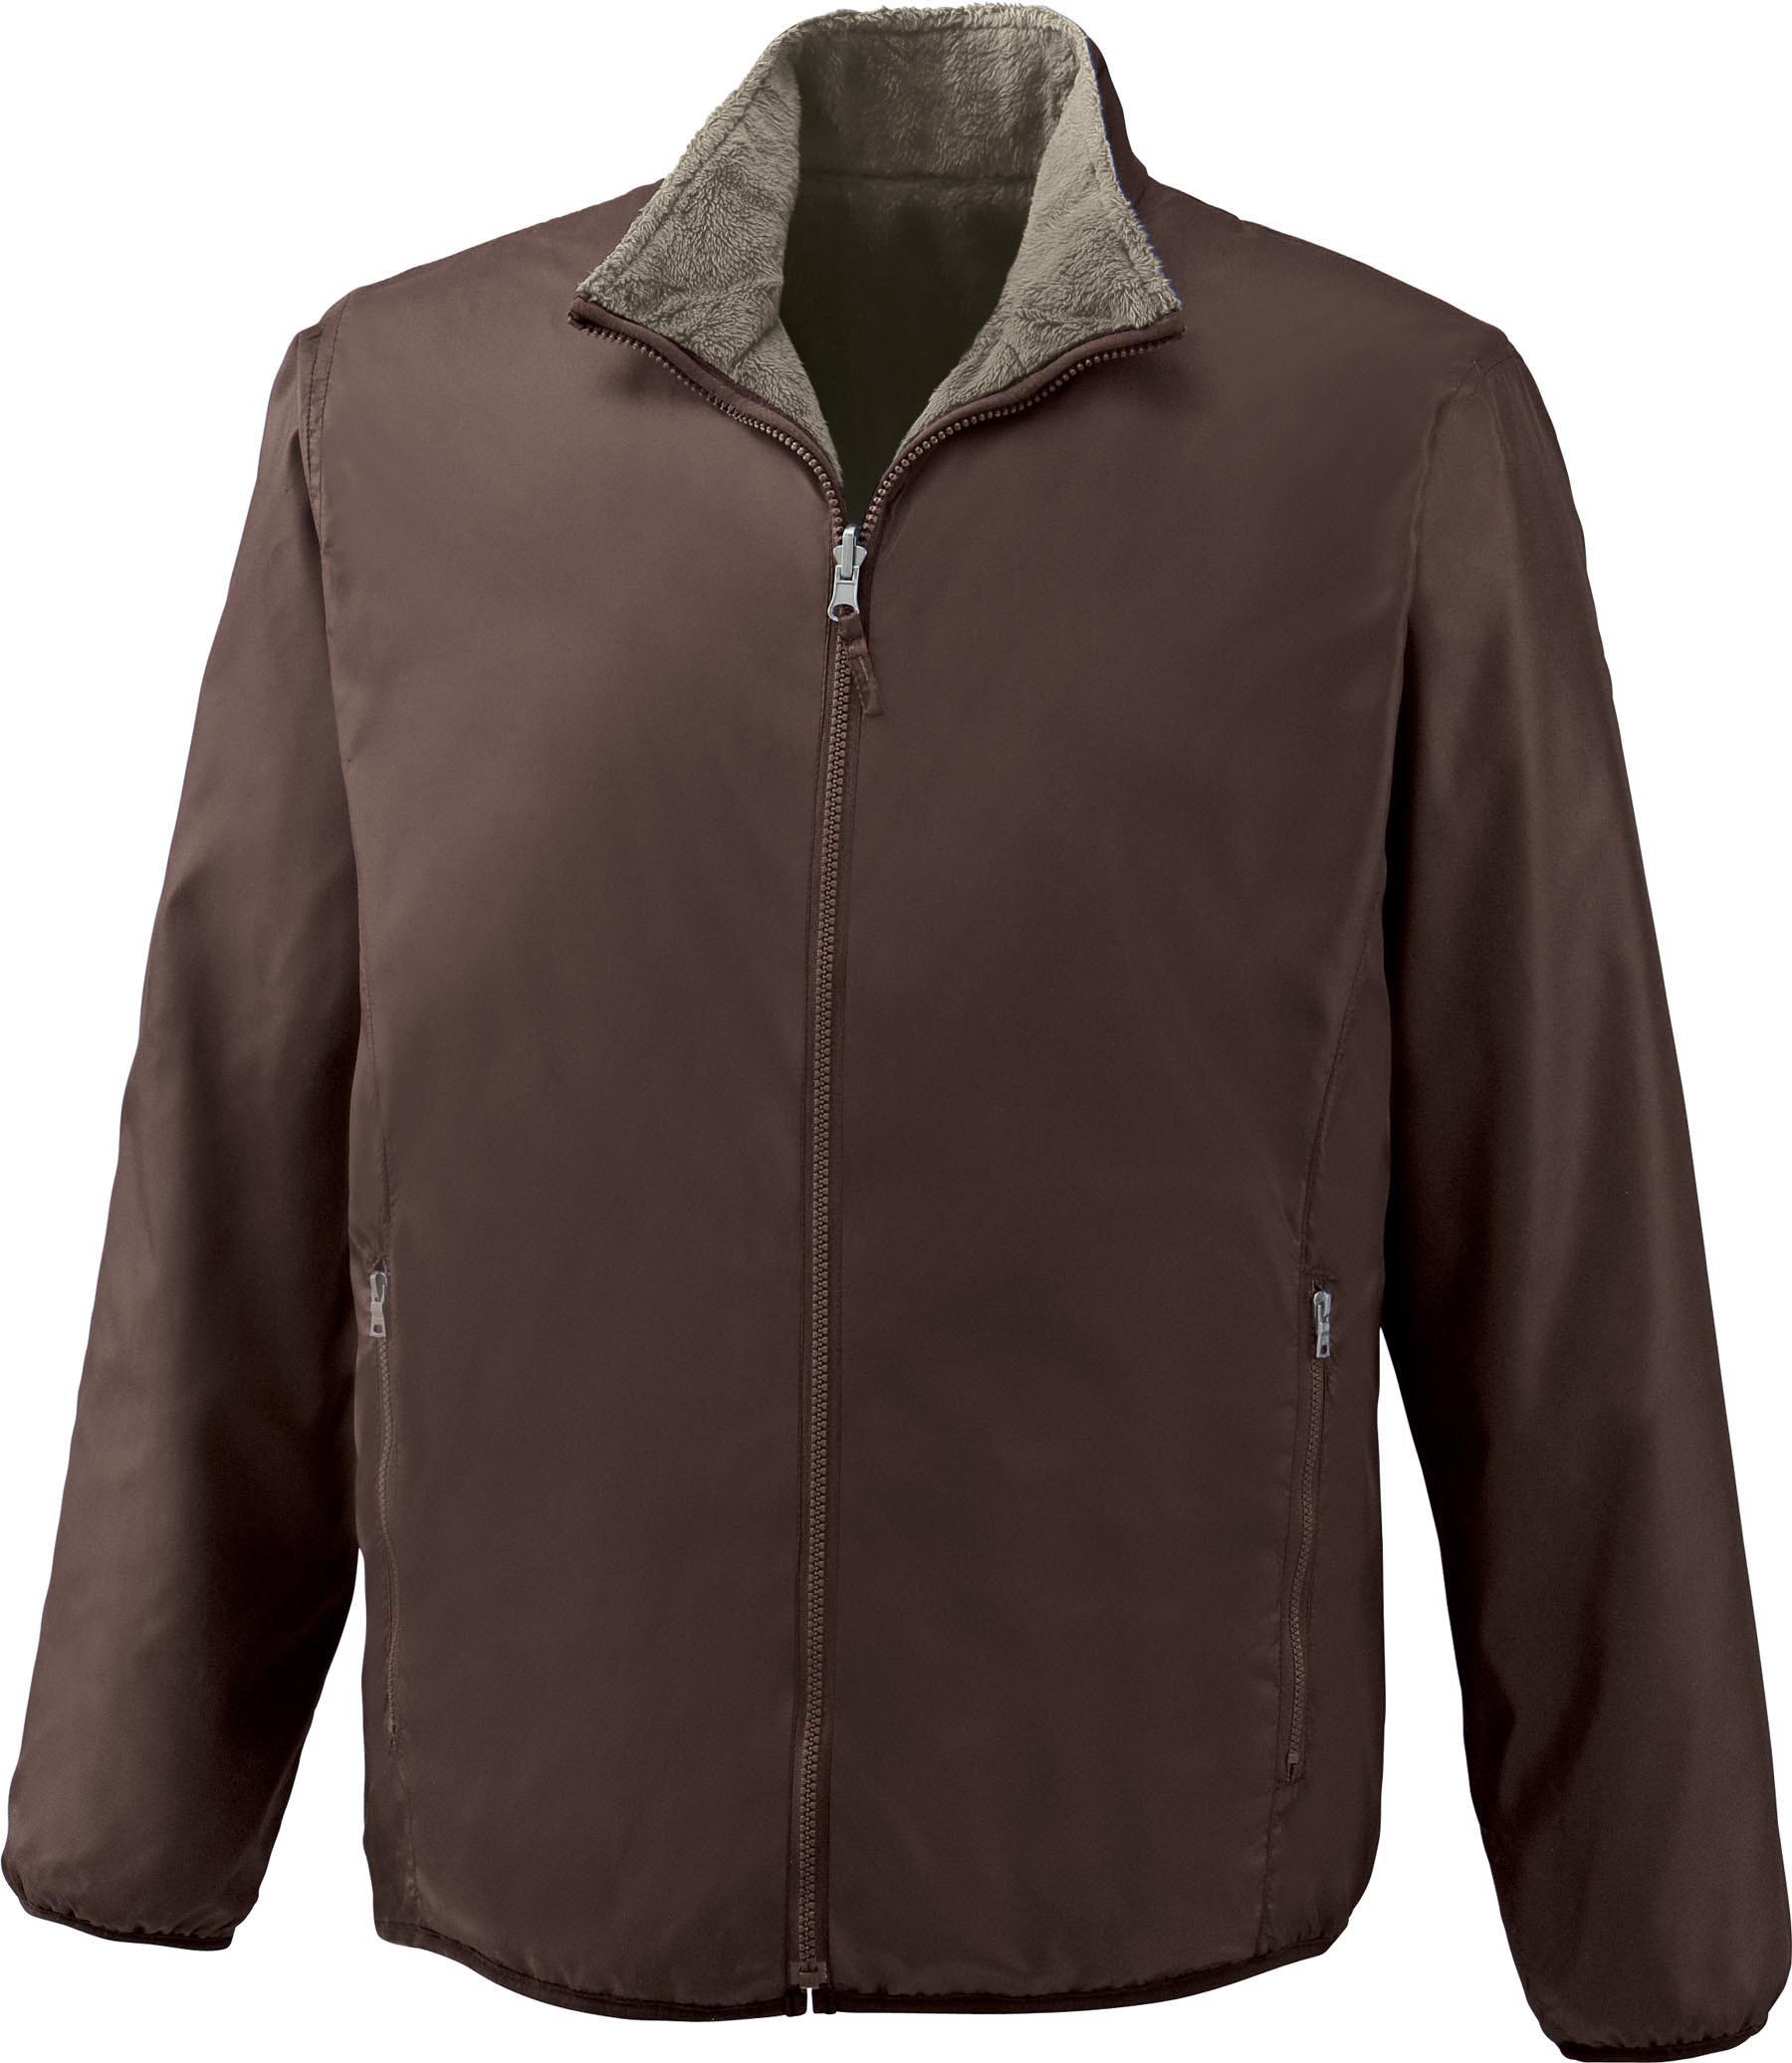 Ash City Reversible Jackets 88647 - Men's Reversible ...